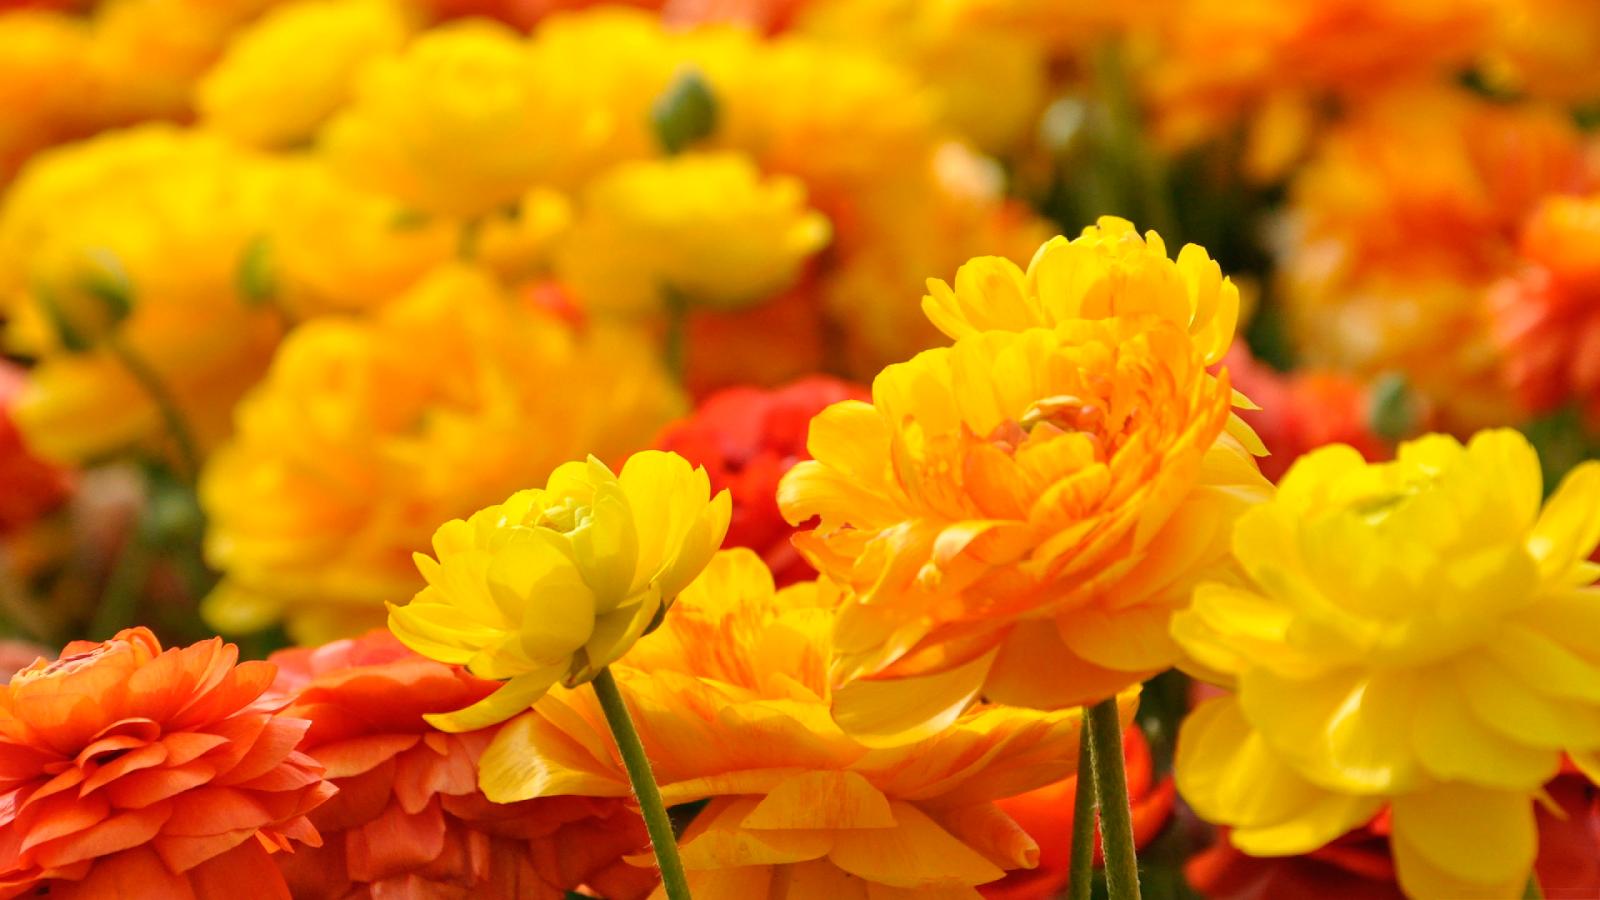 Imagenes De Flores Fondos De Pantalla Y Mucho Mas